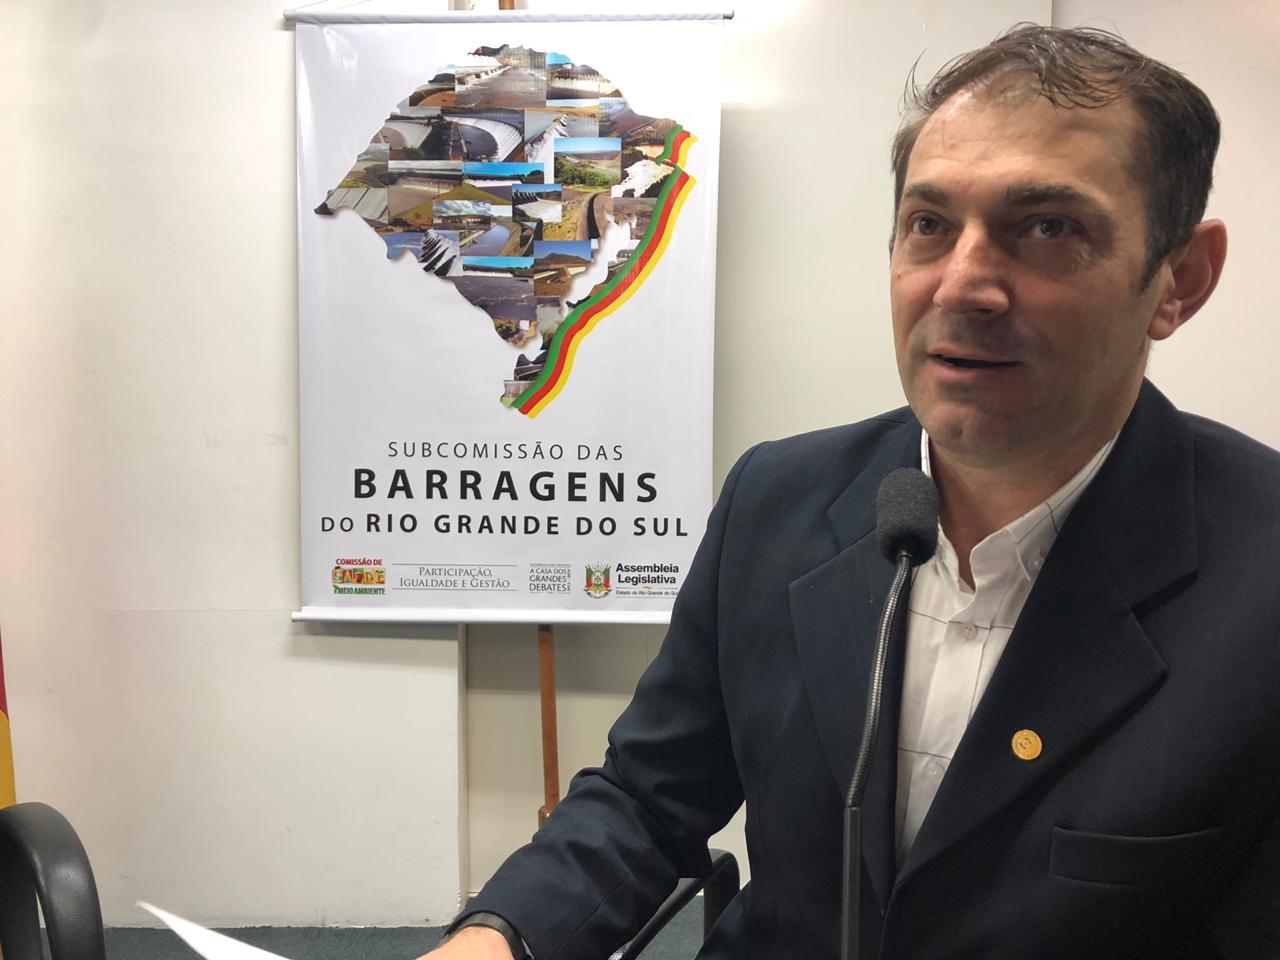 Ir para  <p><big>A Subcomissão das Barragens da Assembleia Legislativa do Rio Grande, aprovou na manhã desta quarta-feira (27) o plano de trabalho que será desenvolvido pelo grupo parlamentar criado pela...